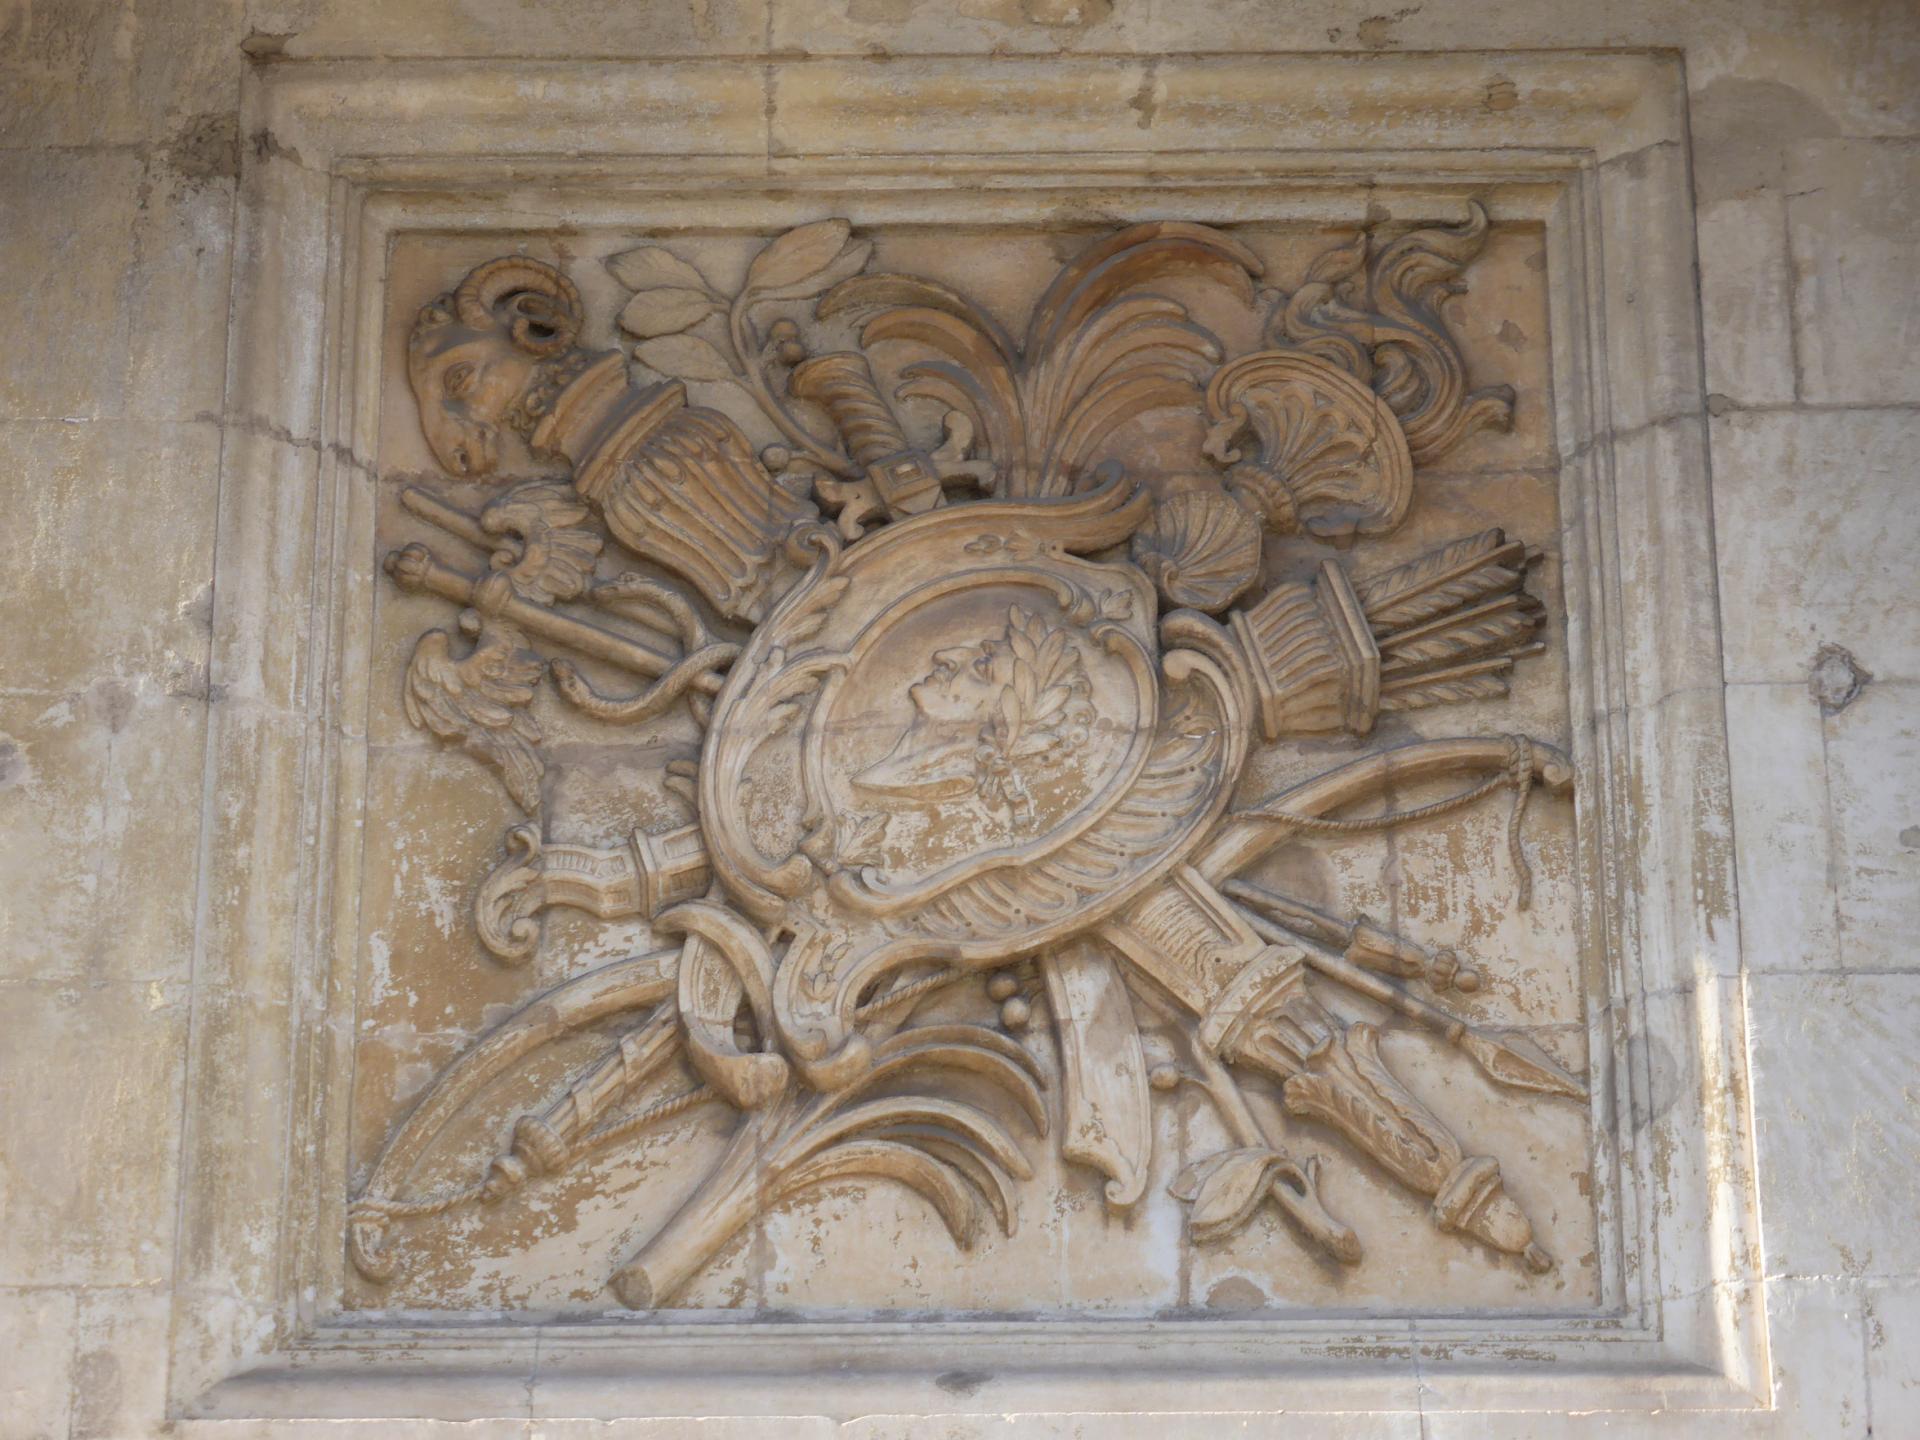 Joseph Hubac, dit l'Ancien : Trophée guerrier avec figure de César, vers 1730 (cliché Ph. Cachau)